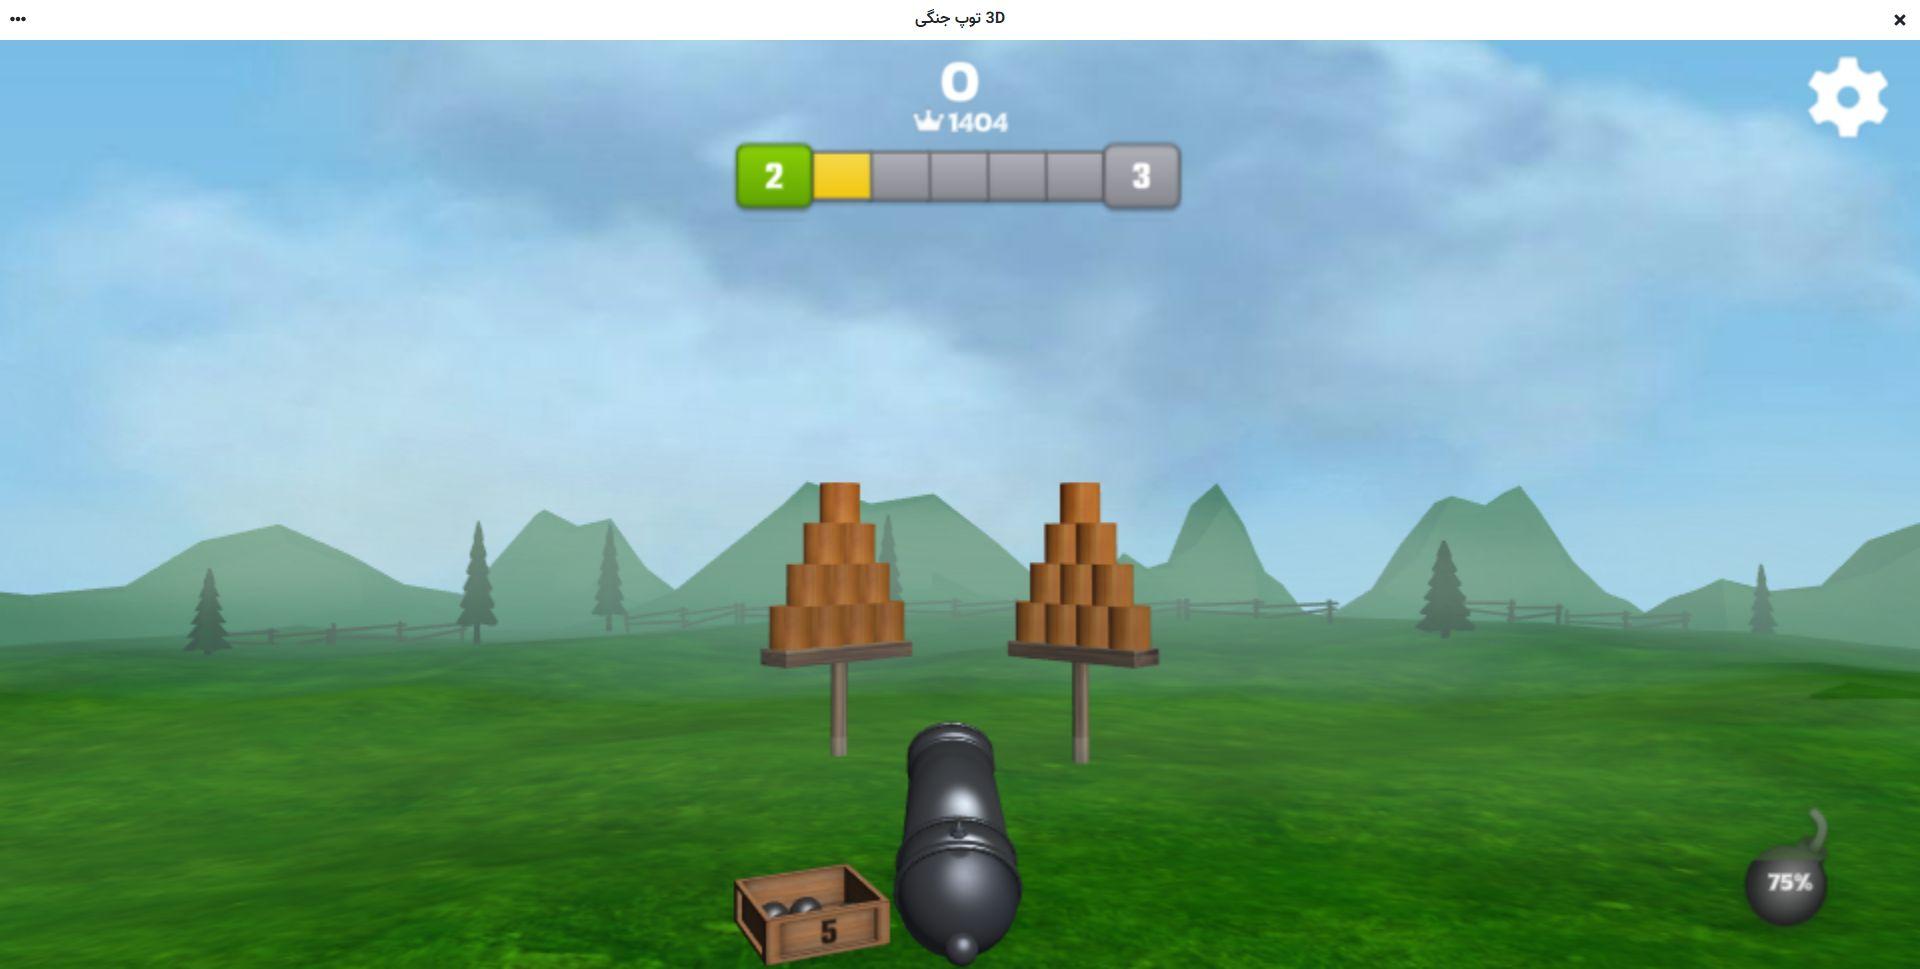 راهنمای بازی آنلاین توپ جنگی سه بعدی